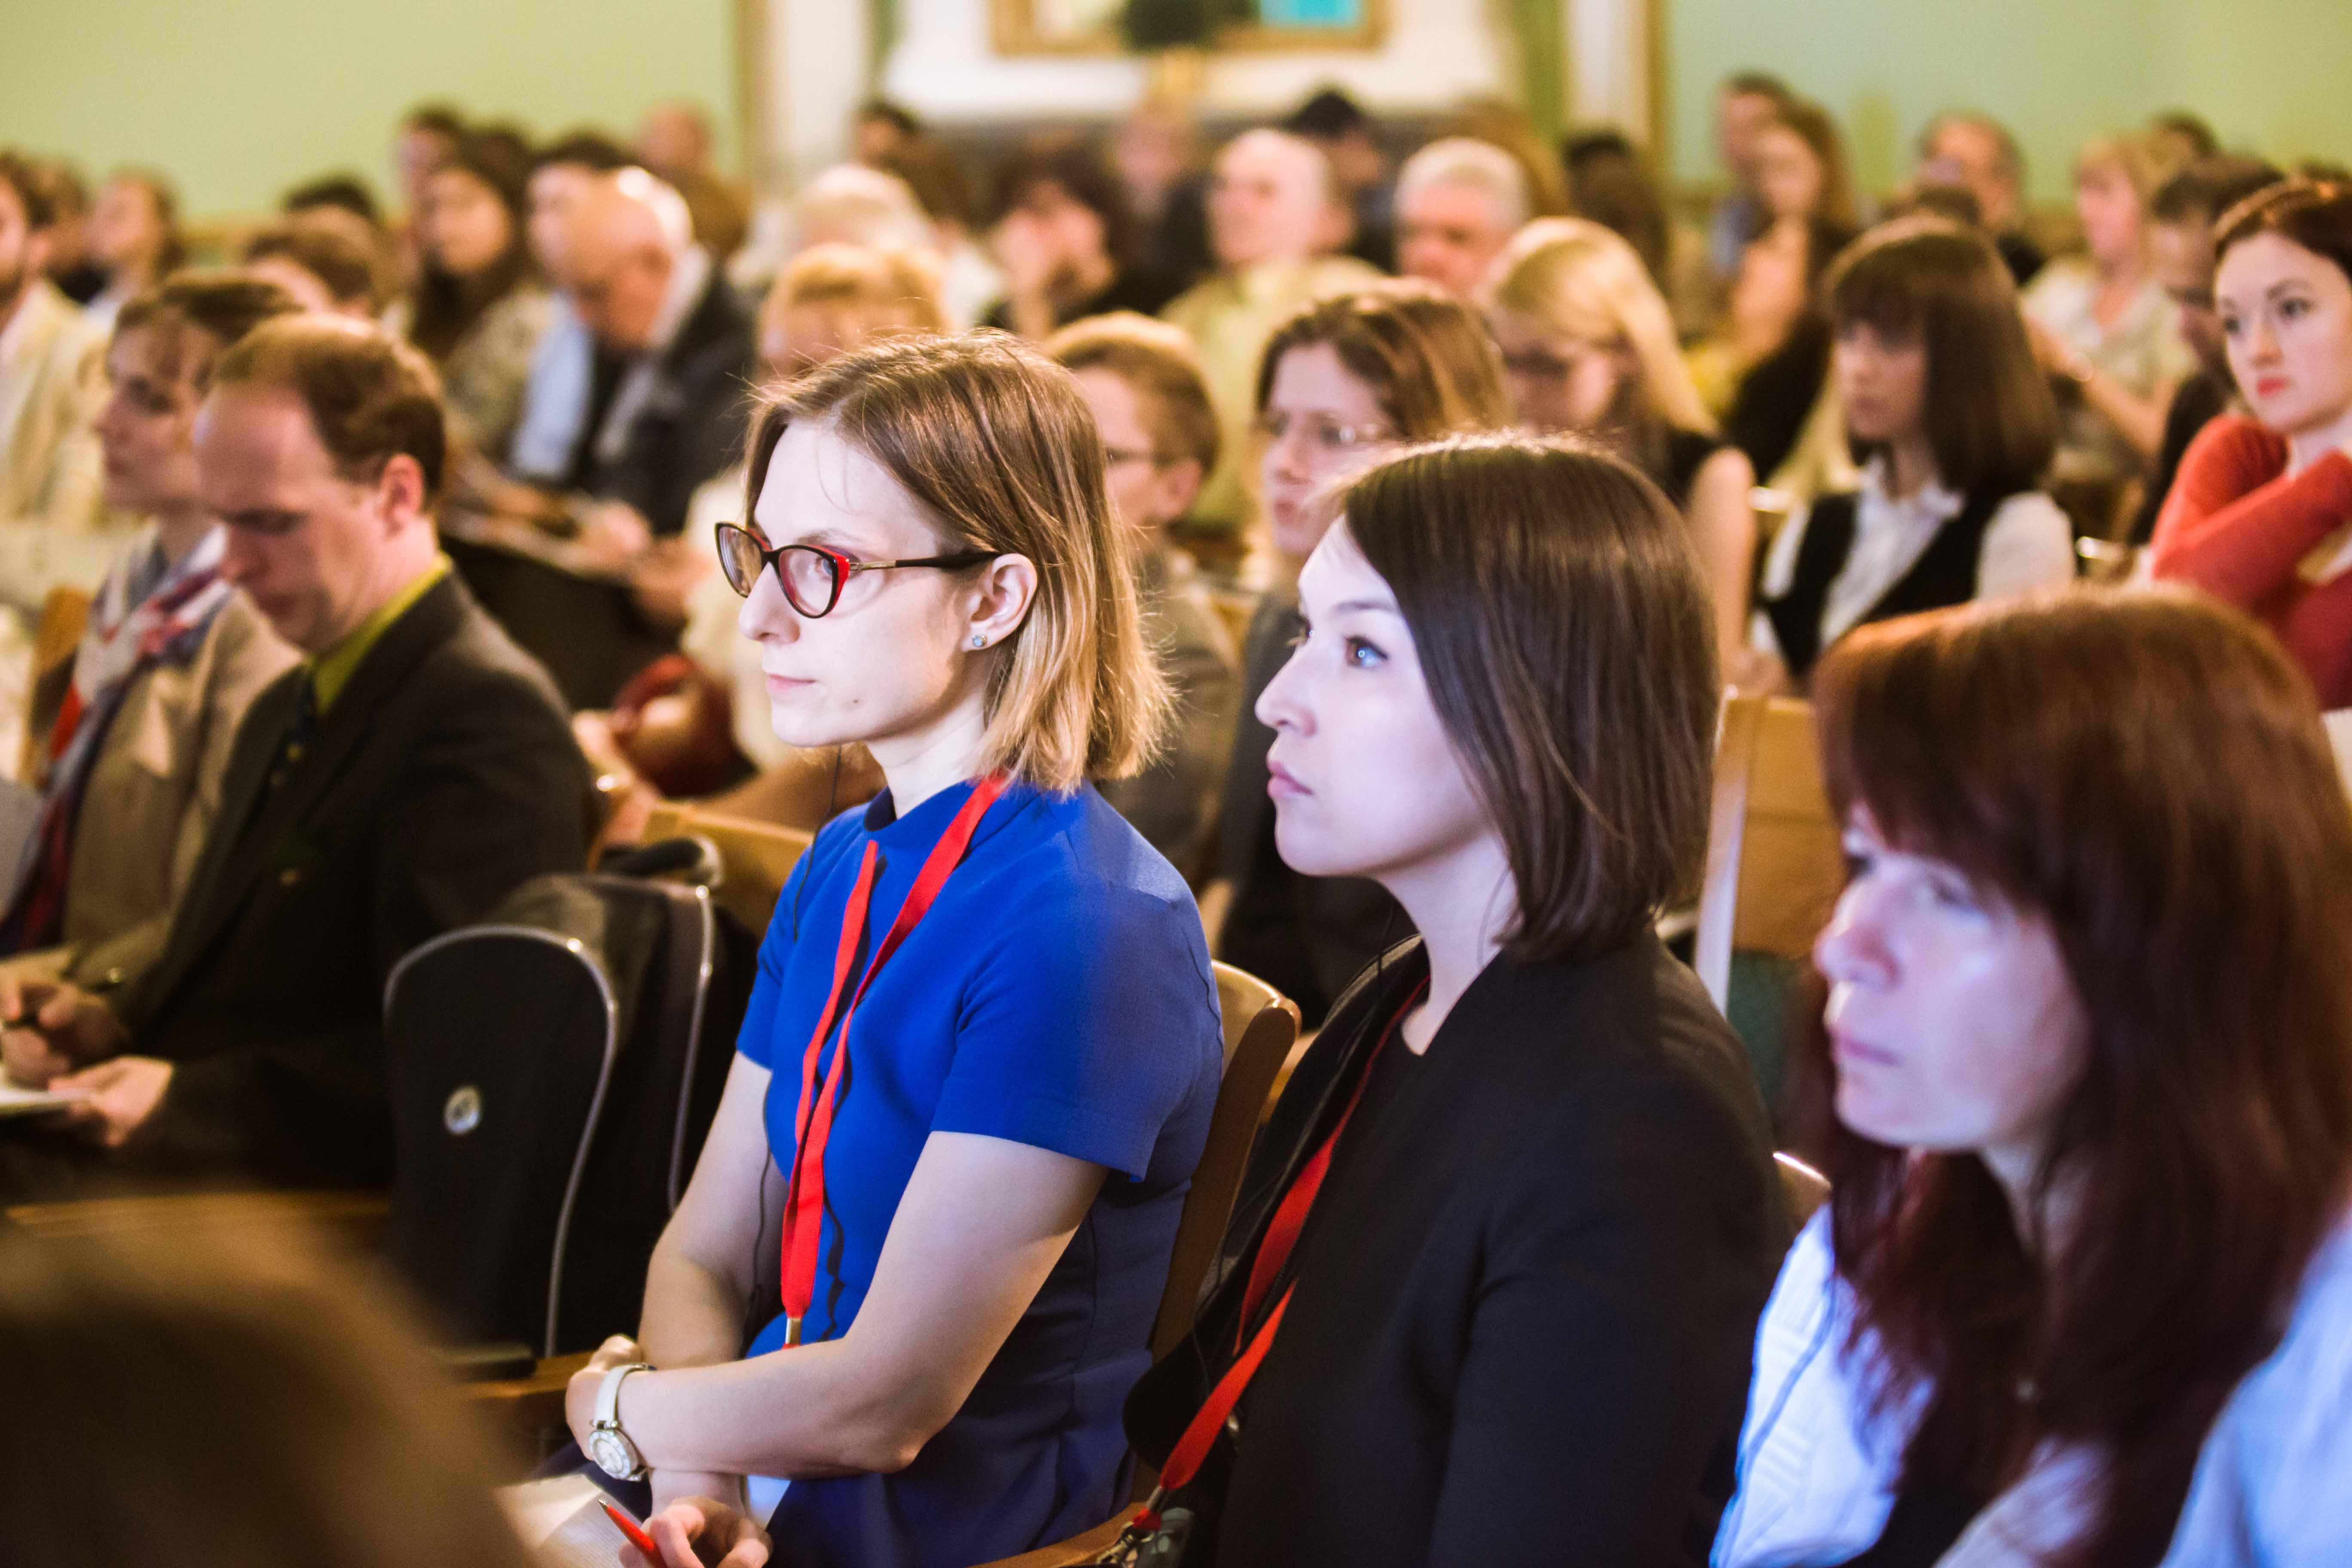 Университет ИТМО. Конференция «Петербург – Барселона: приоритет баланса в городском развитии»